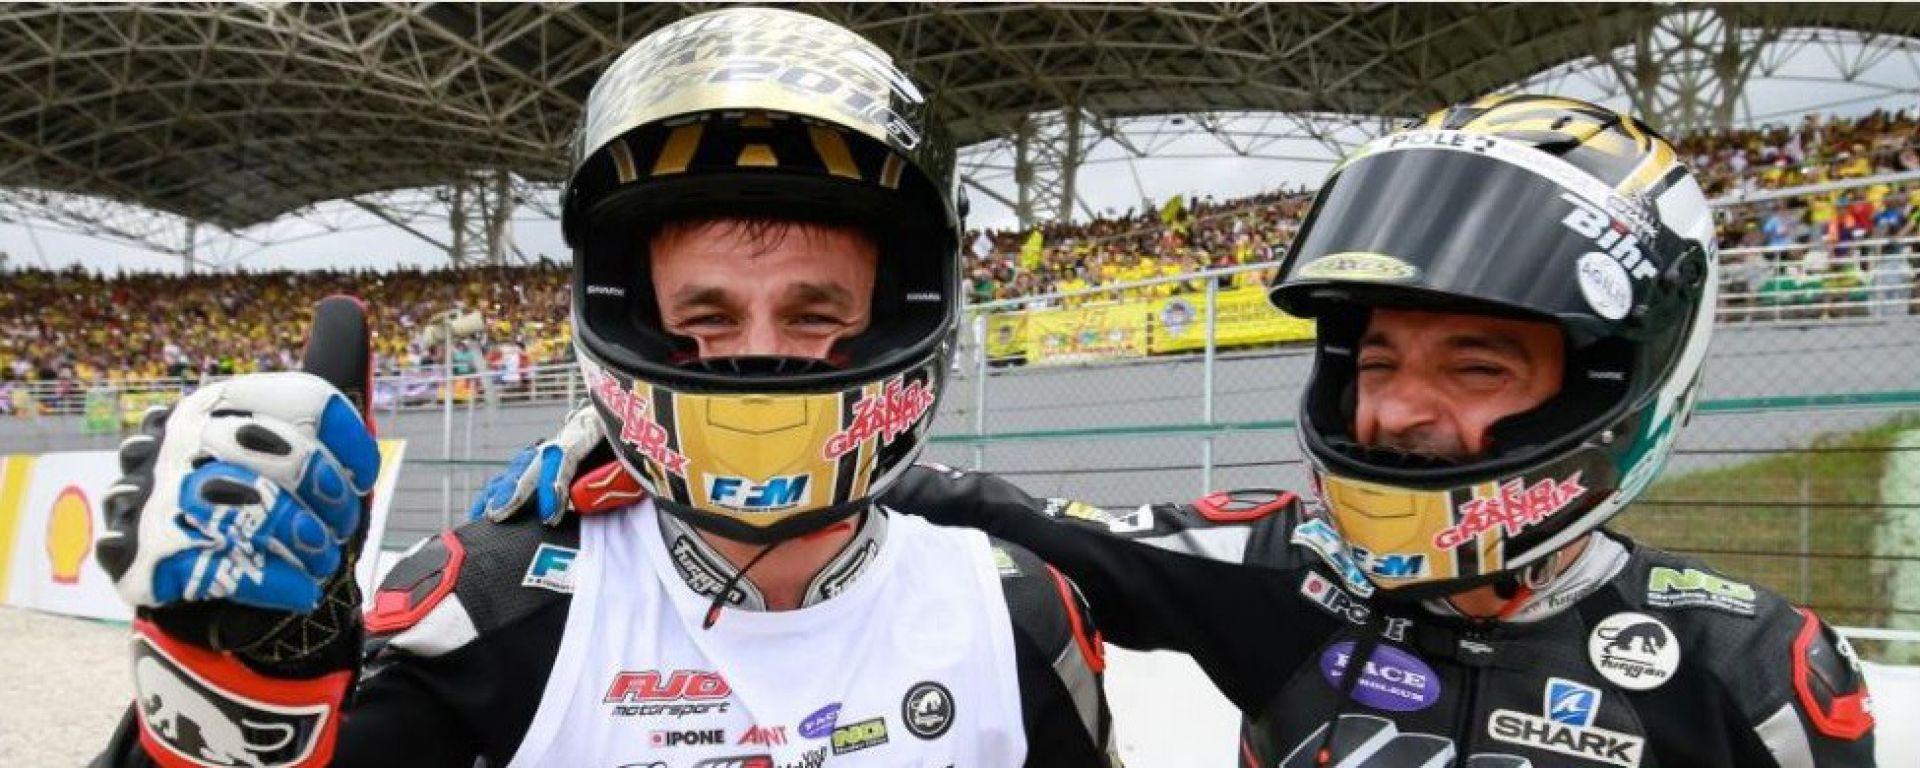 BIS MONDIALE: Johann Zarco al suo secondo alloro iridato in Moto 2